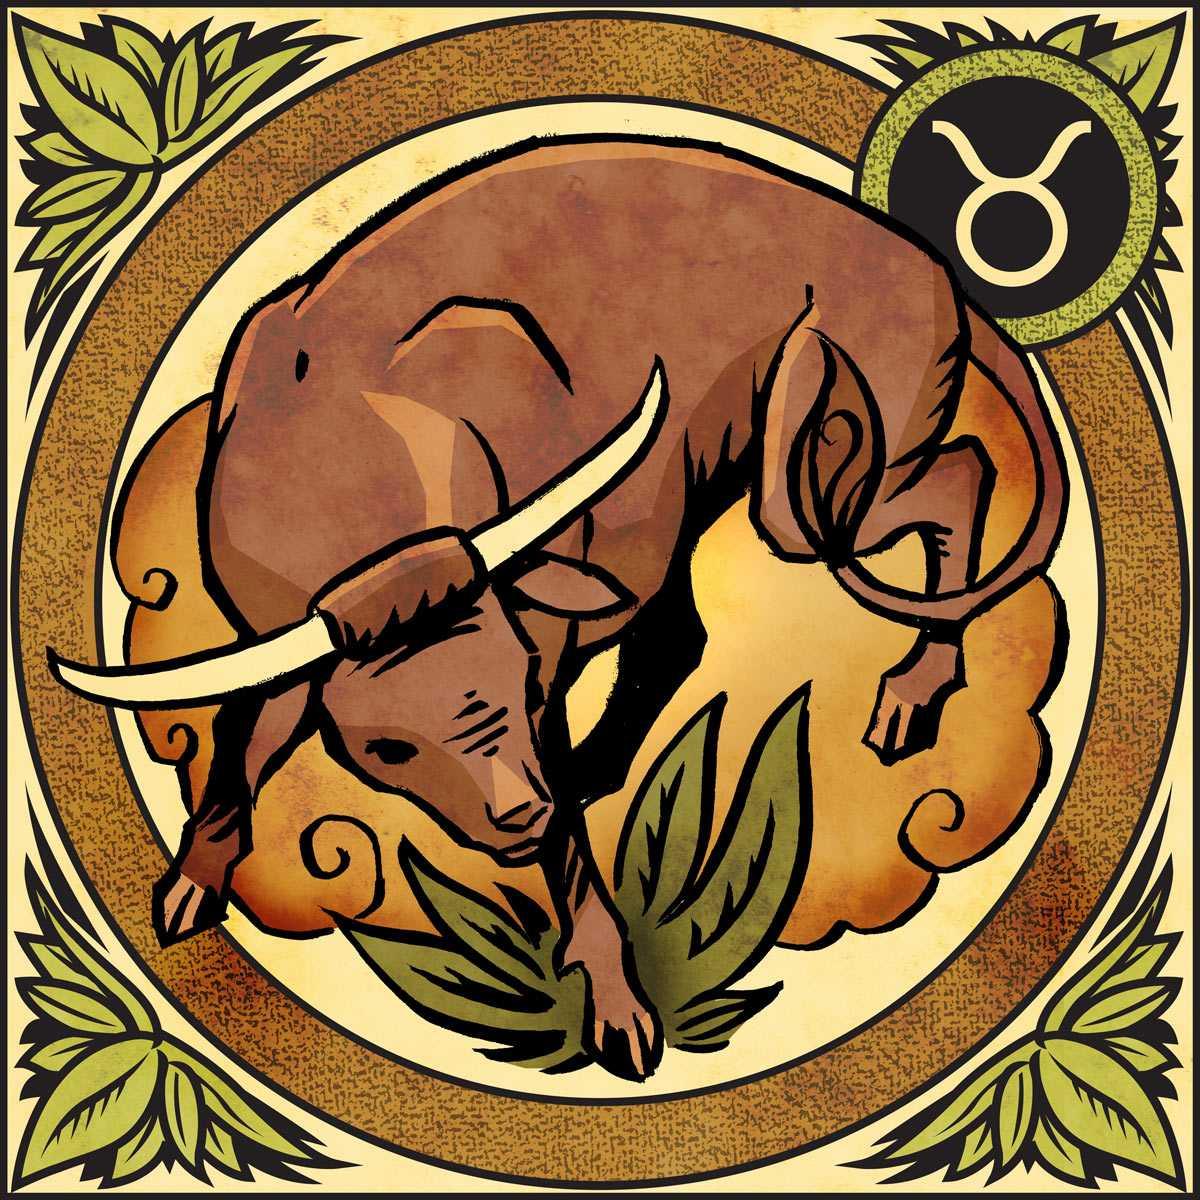 знаки зодиака бык картинки атласных